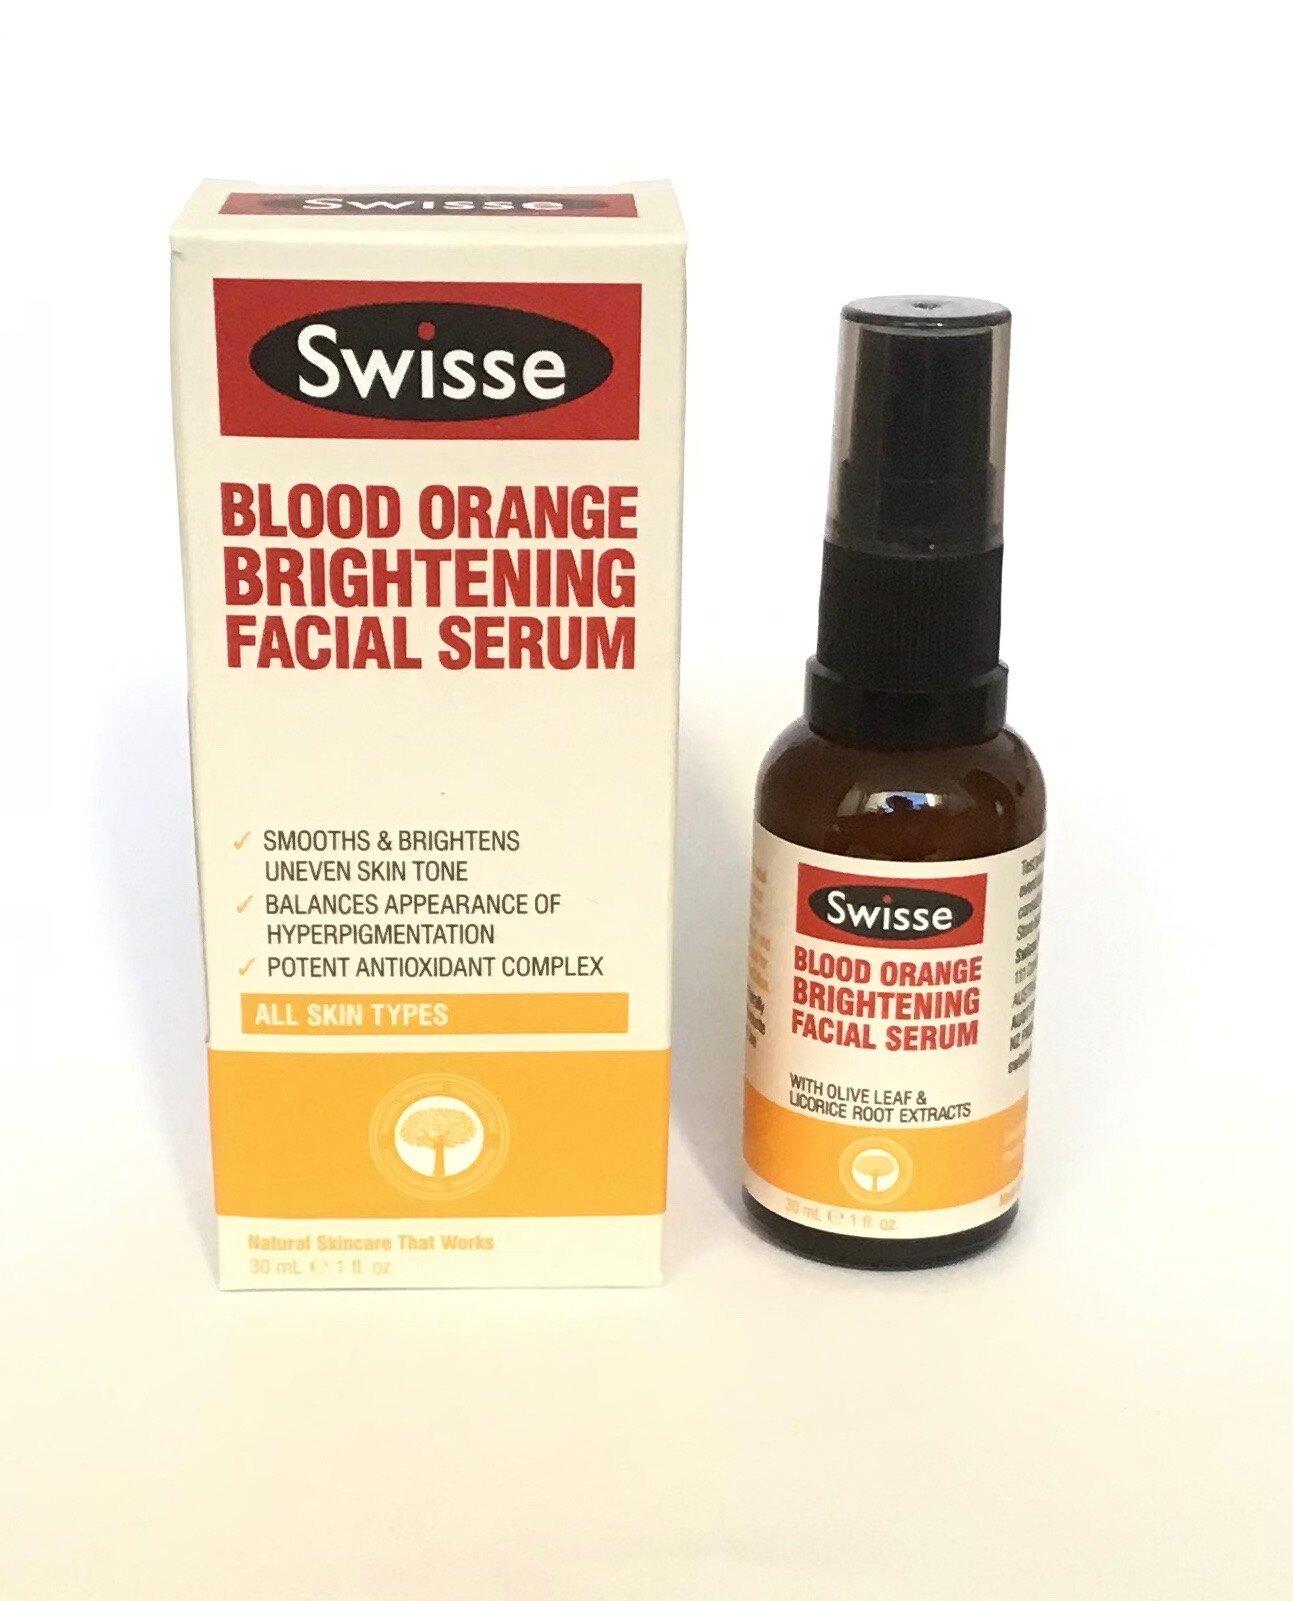 半價 優惠 澳洲 Swisse 大廠  血橙 淨白 精華素 30ml